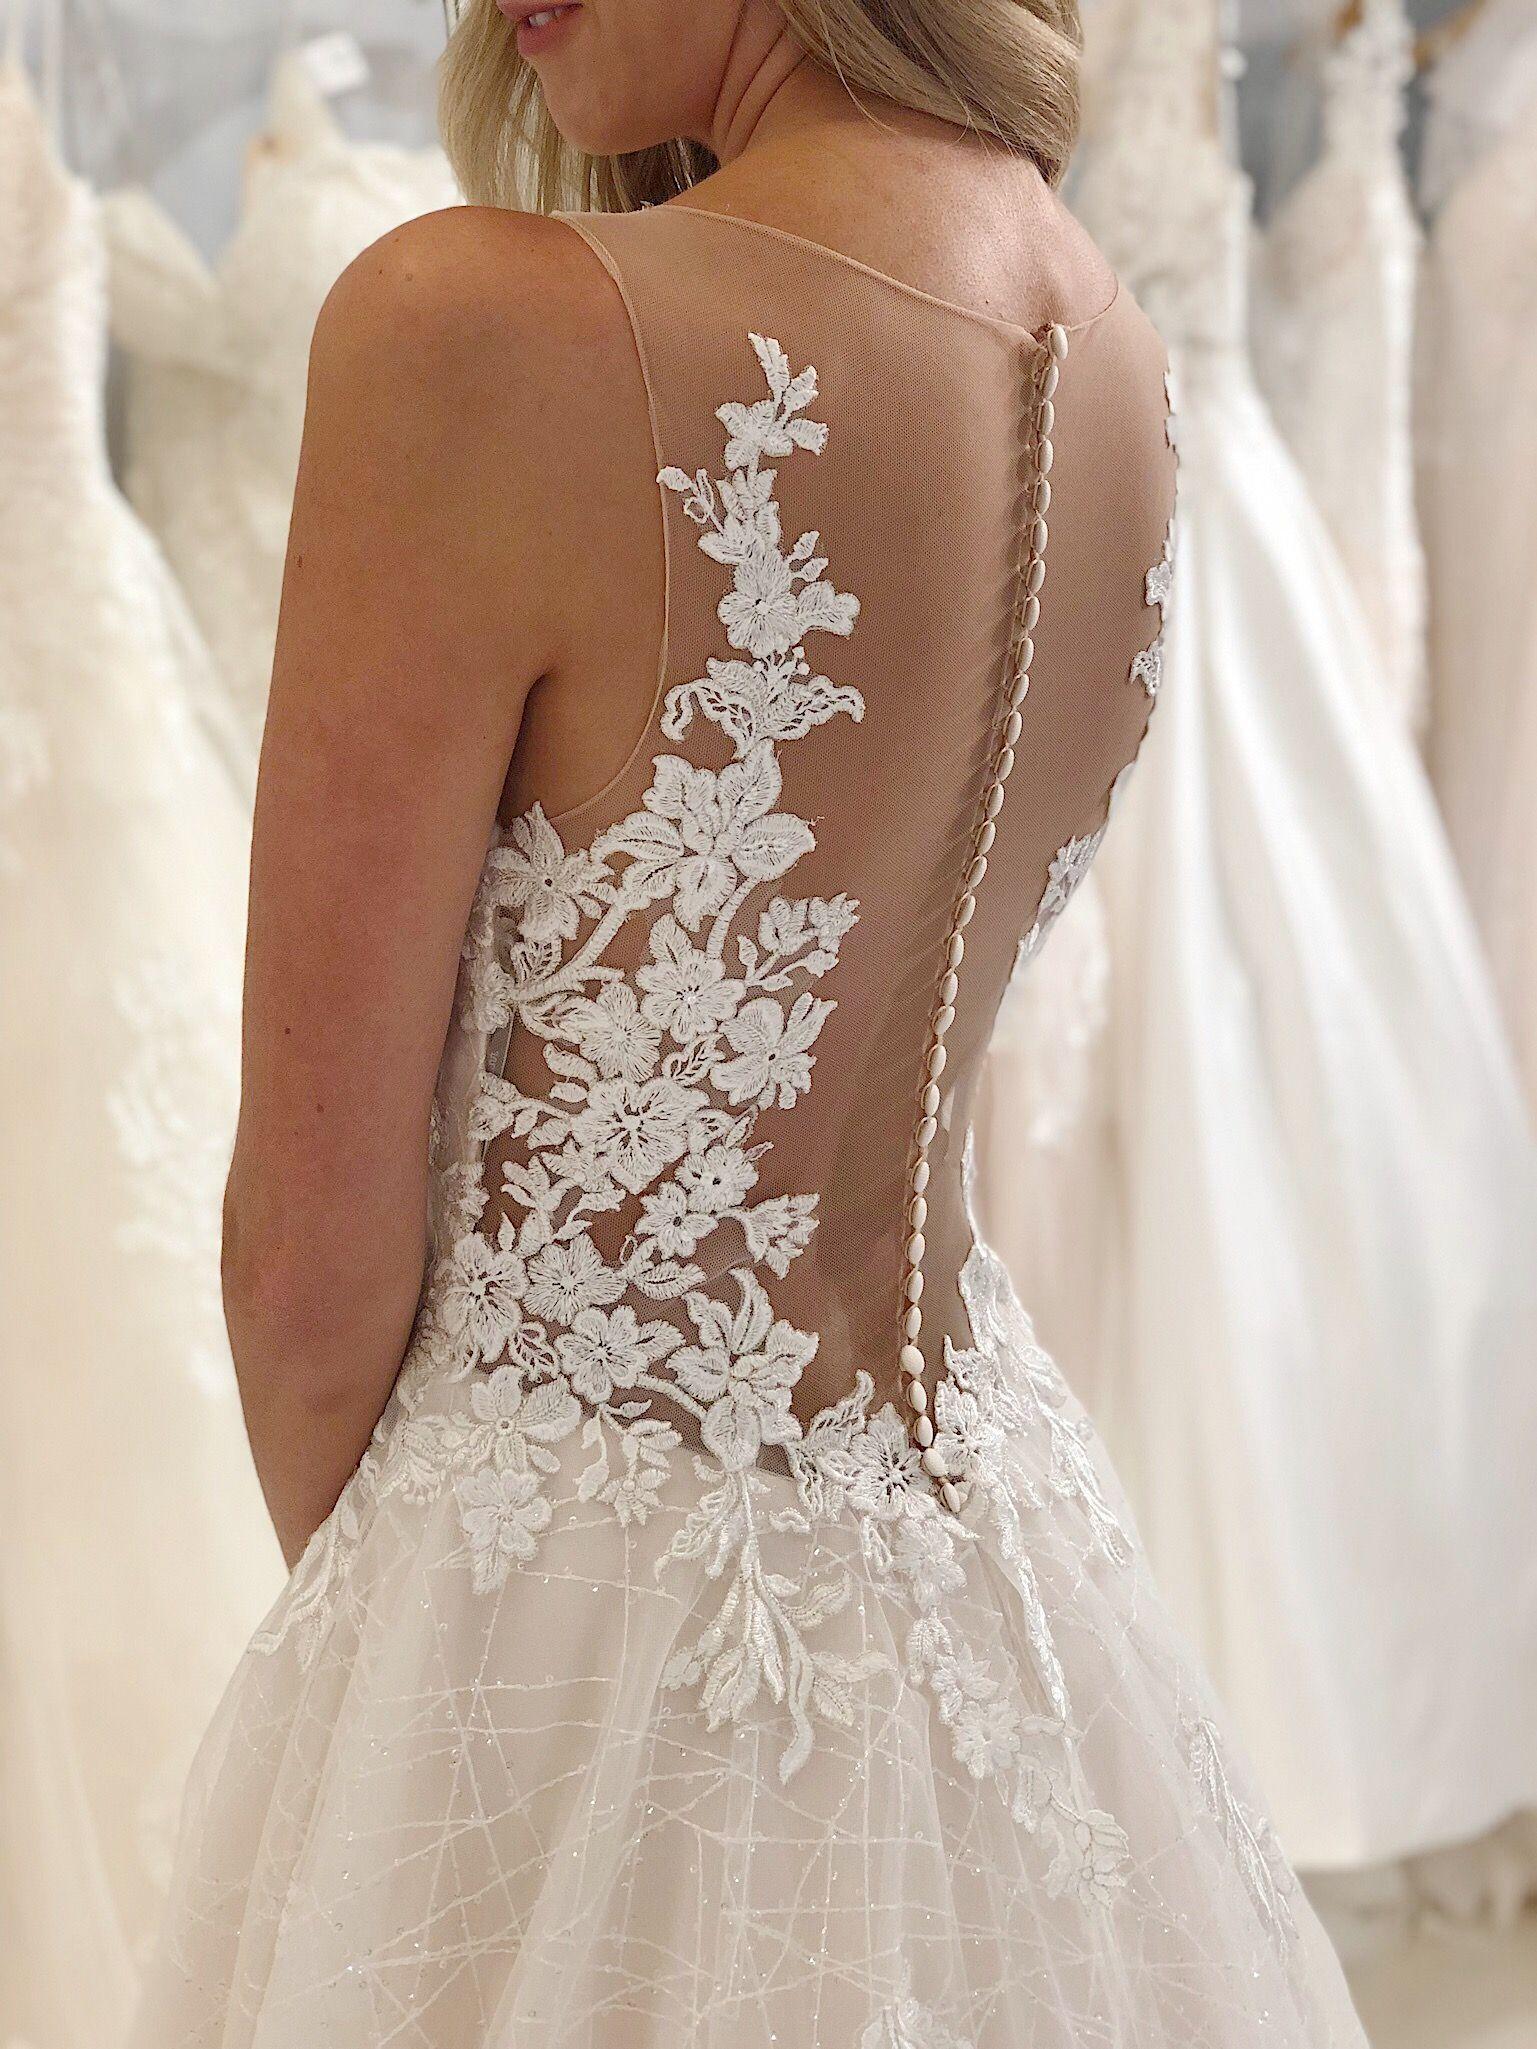 21+ Illusion neckline wedding dress info